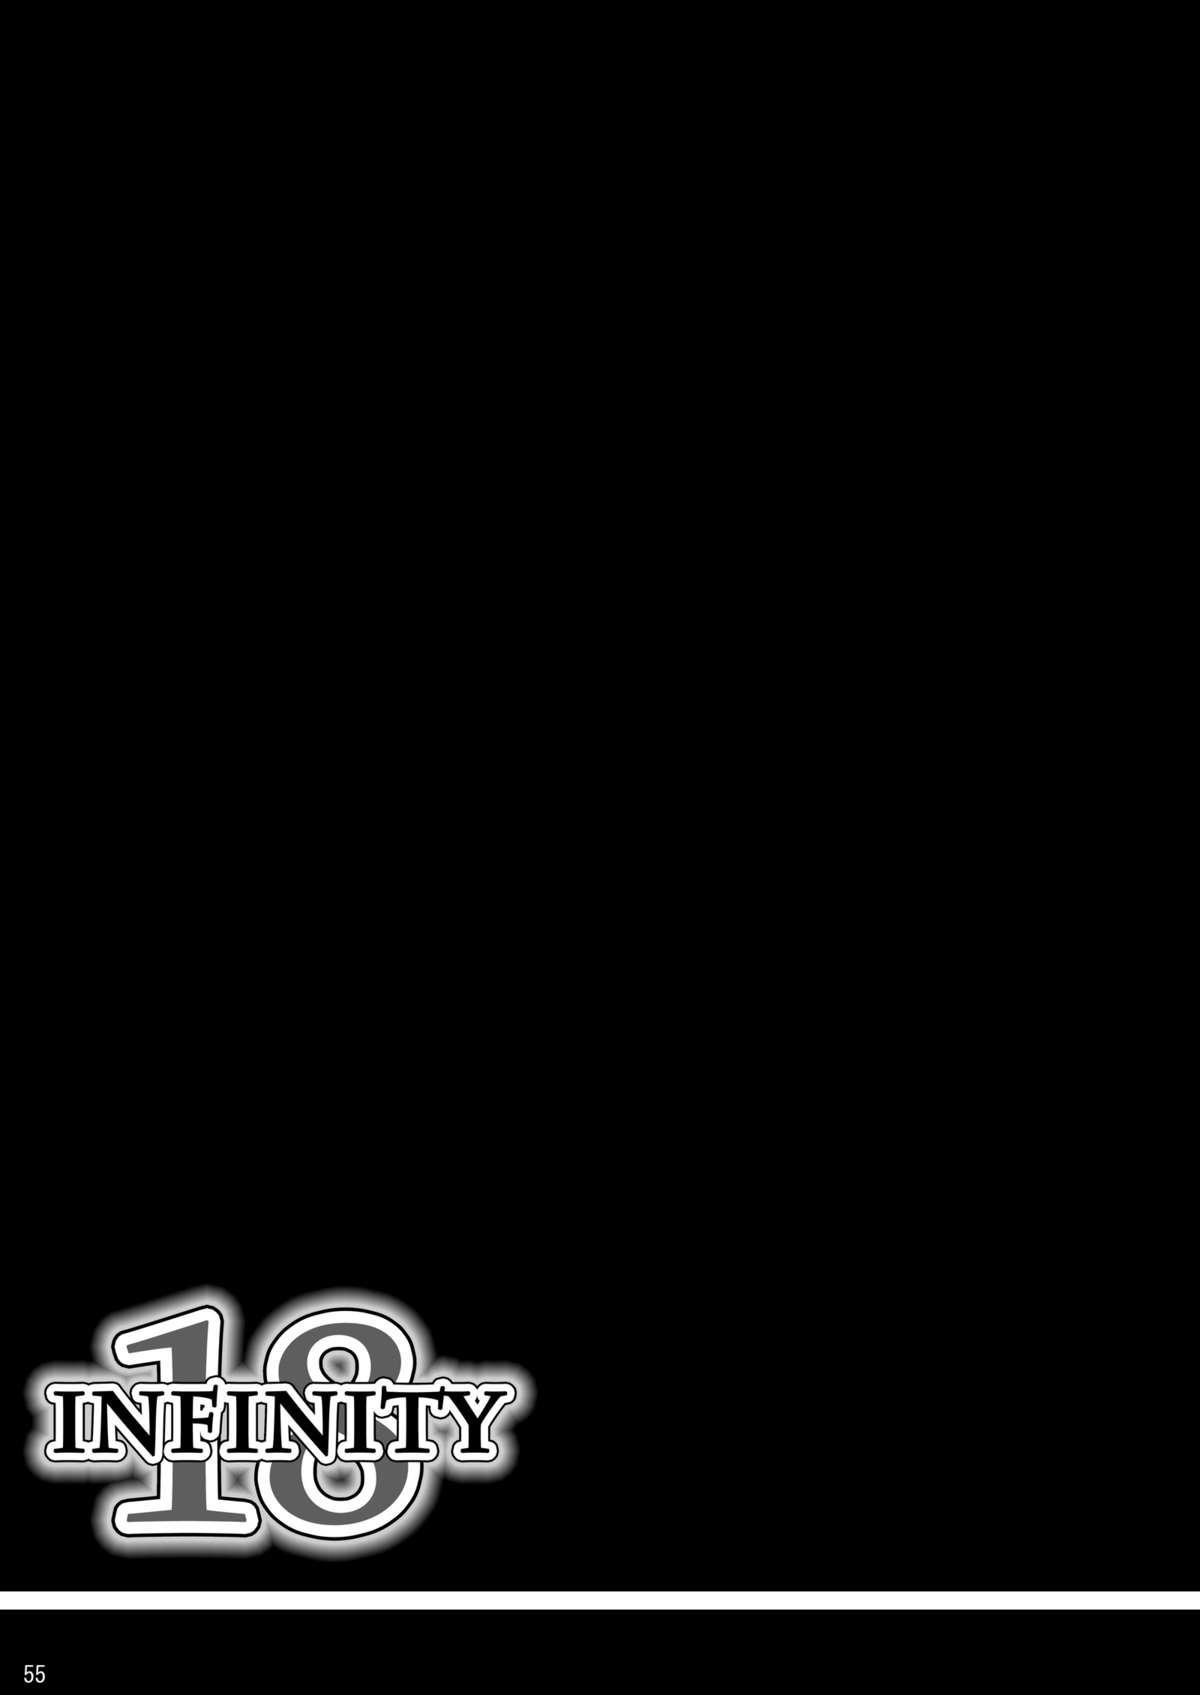 INFINITY18 48